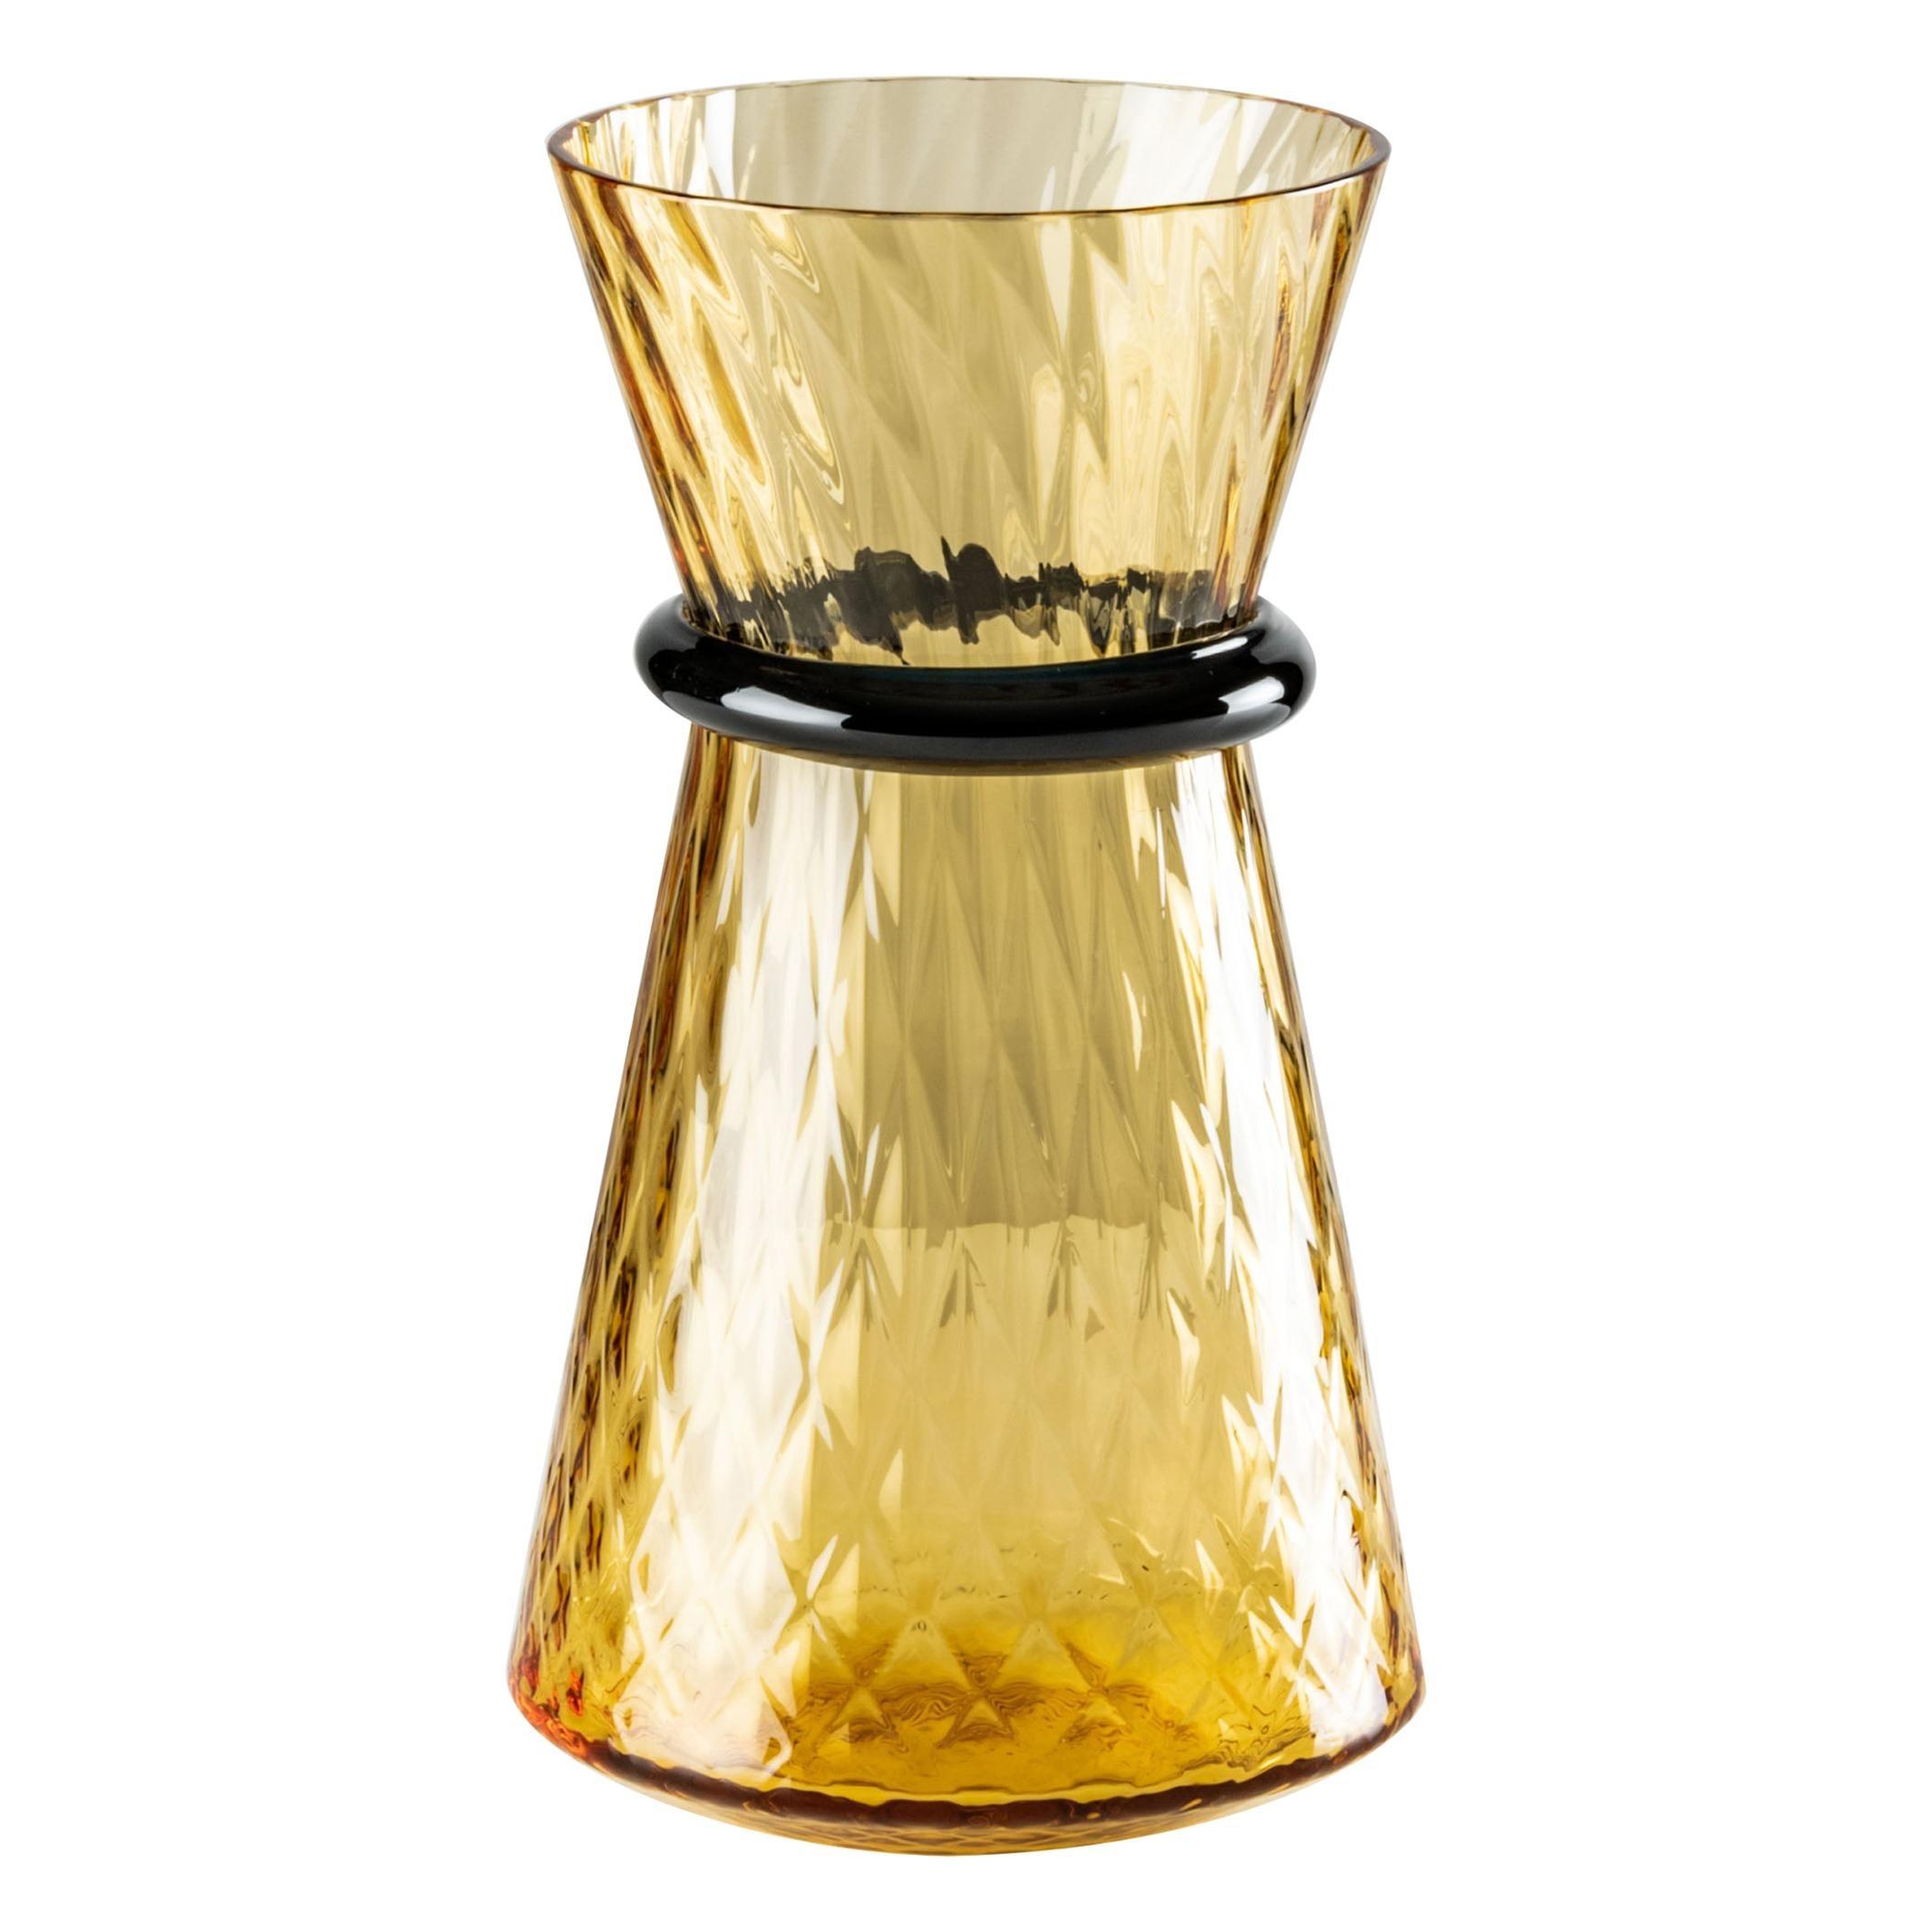 Venini Tiara Small Vase in Amber and Horizon Murano Glass